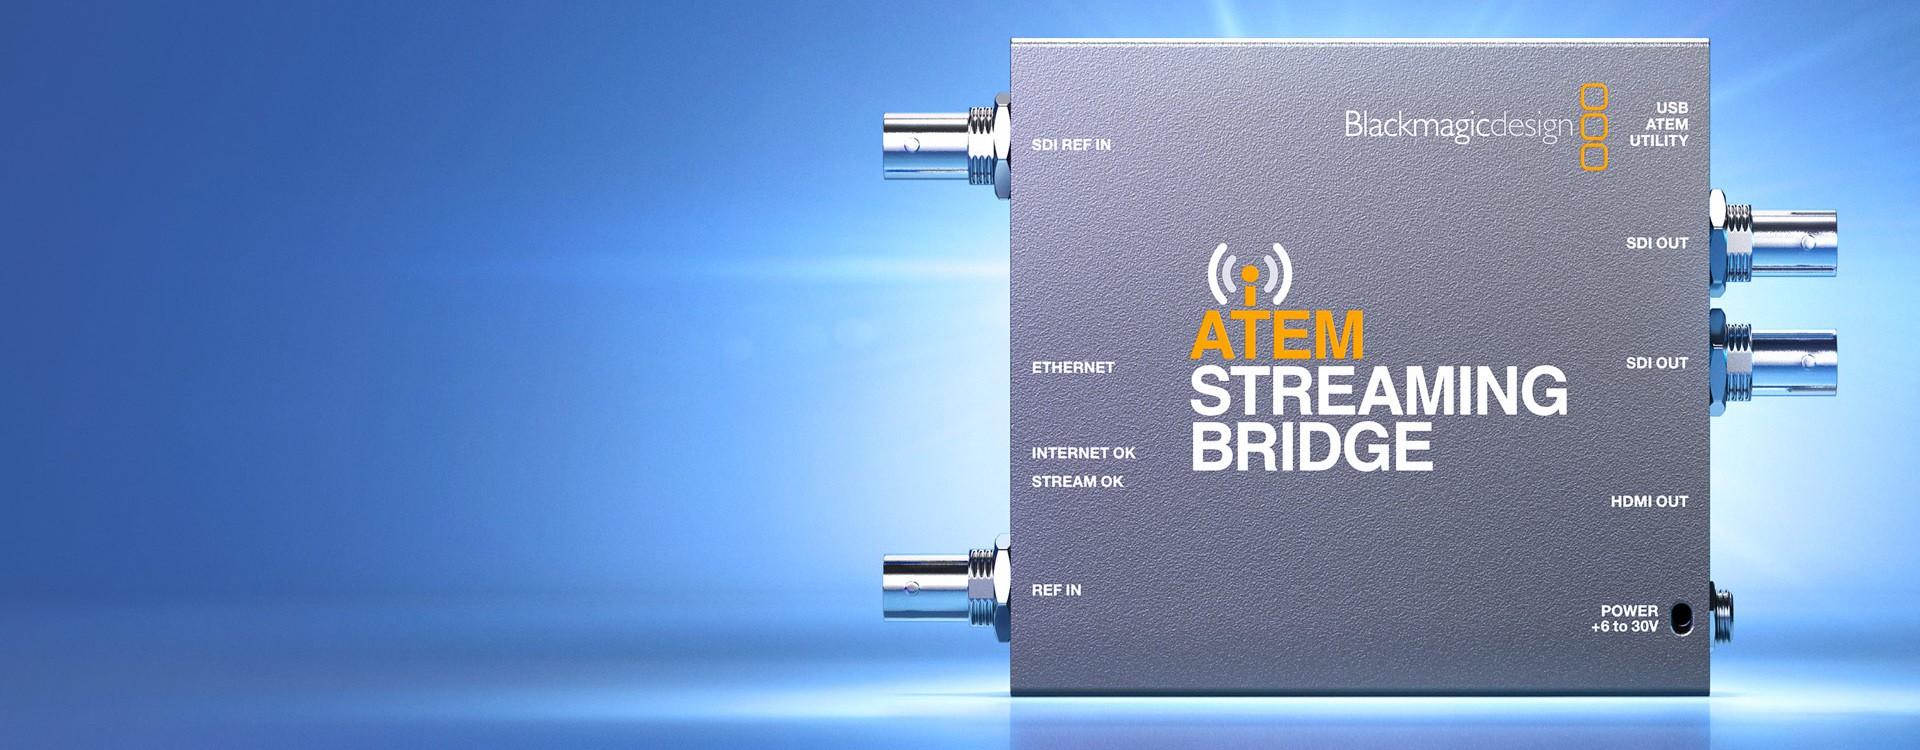 Blackmagic Design annonce le nouvel ATEM Streaming Bridge